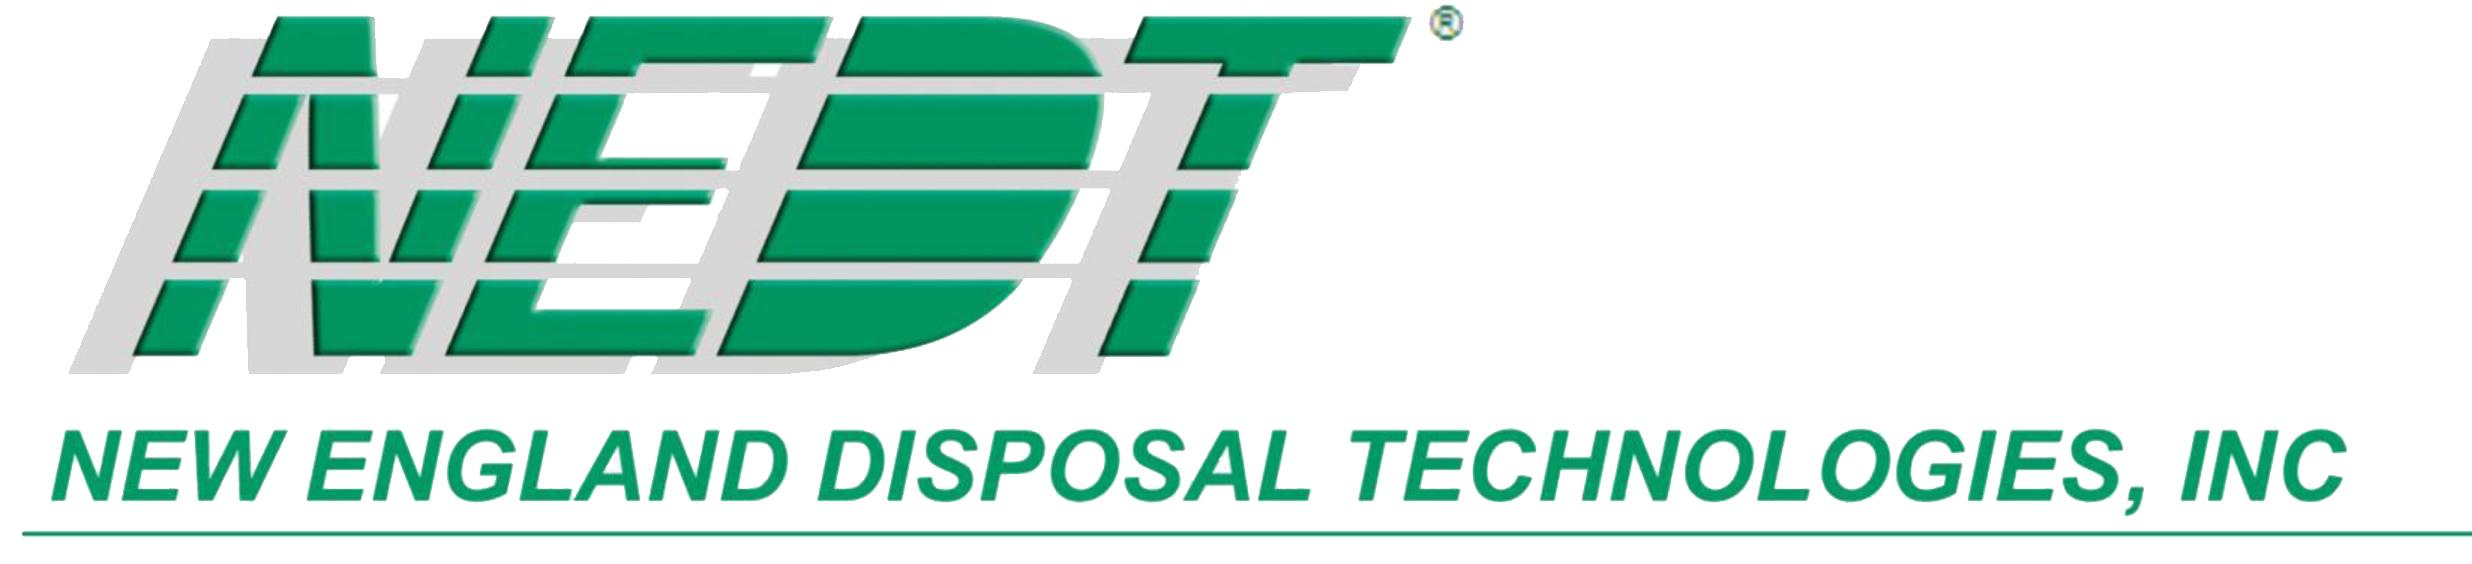 Sponsor NEDT, Inc.